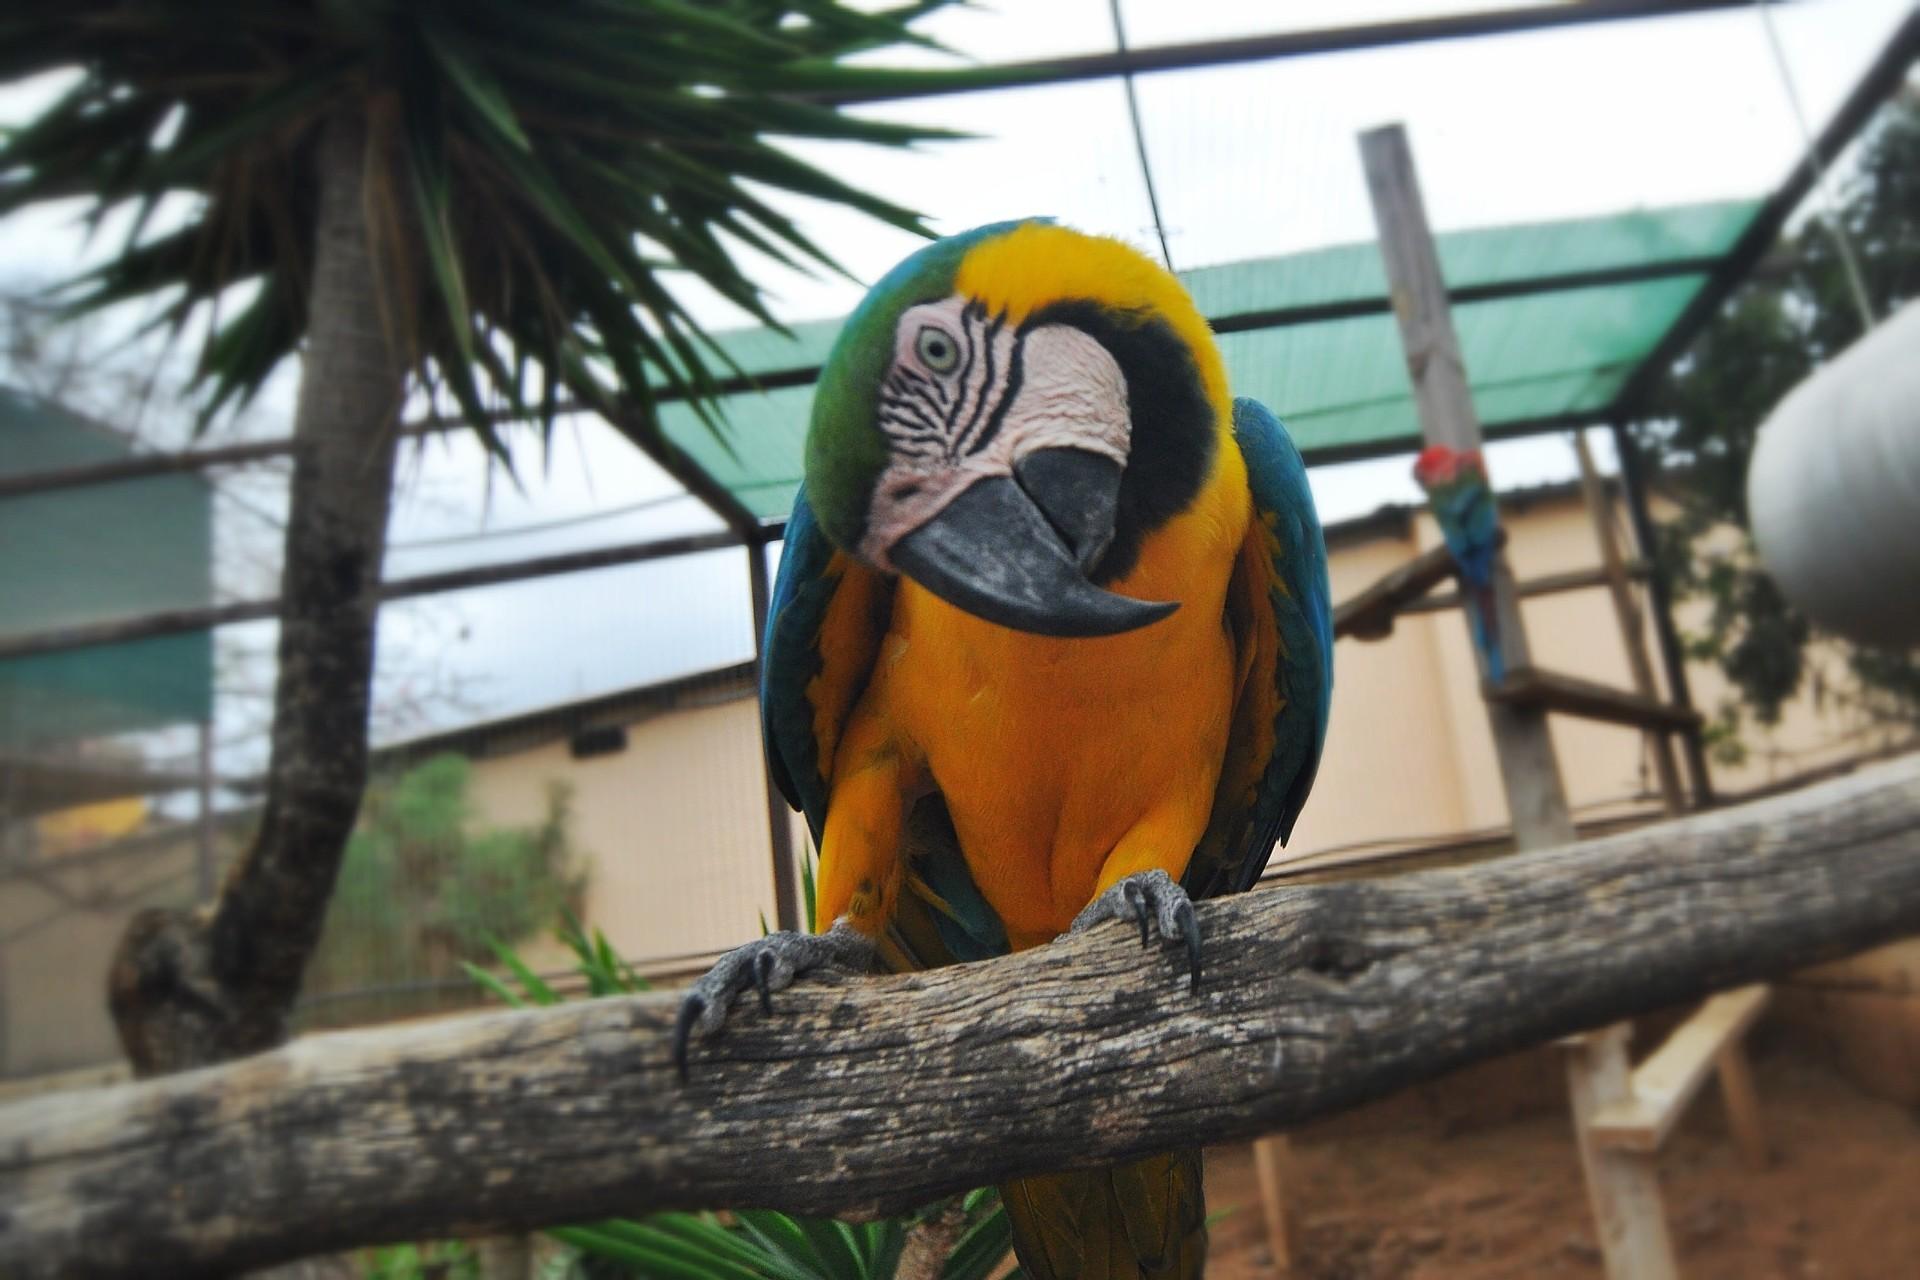 Fauna_parrot